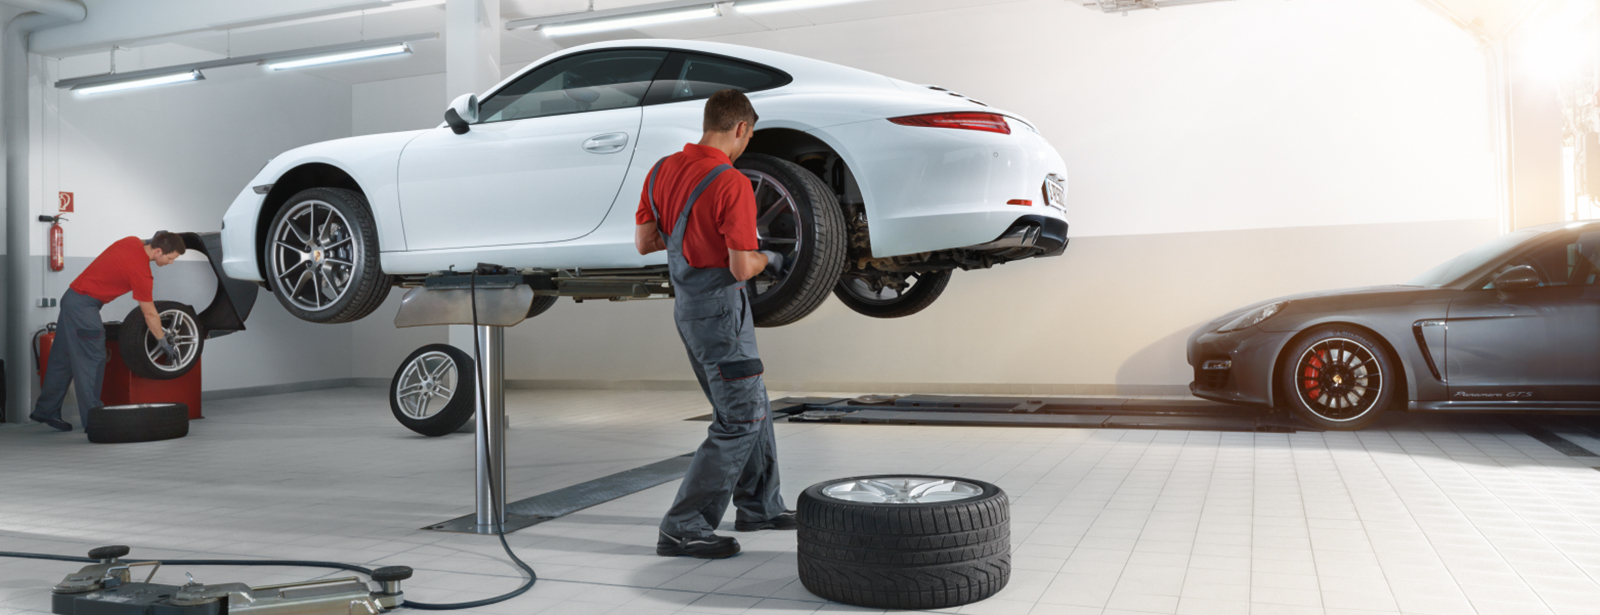 Komplettradsätze für Ihren Porsche